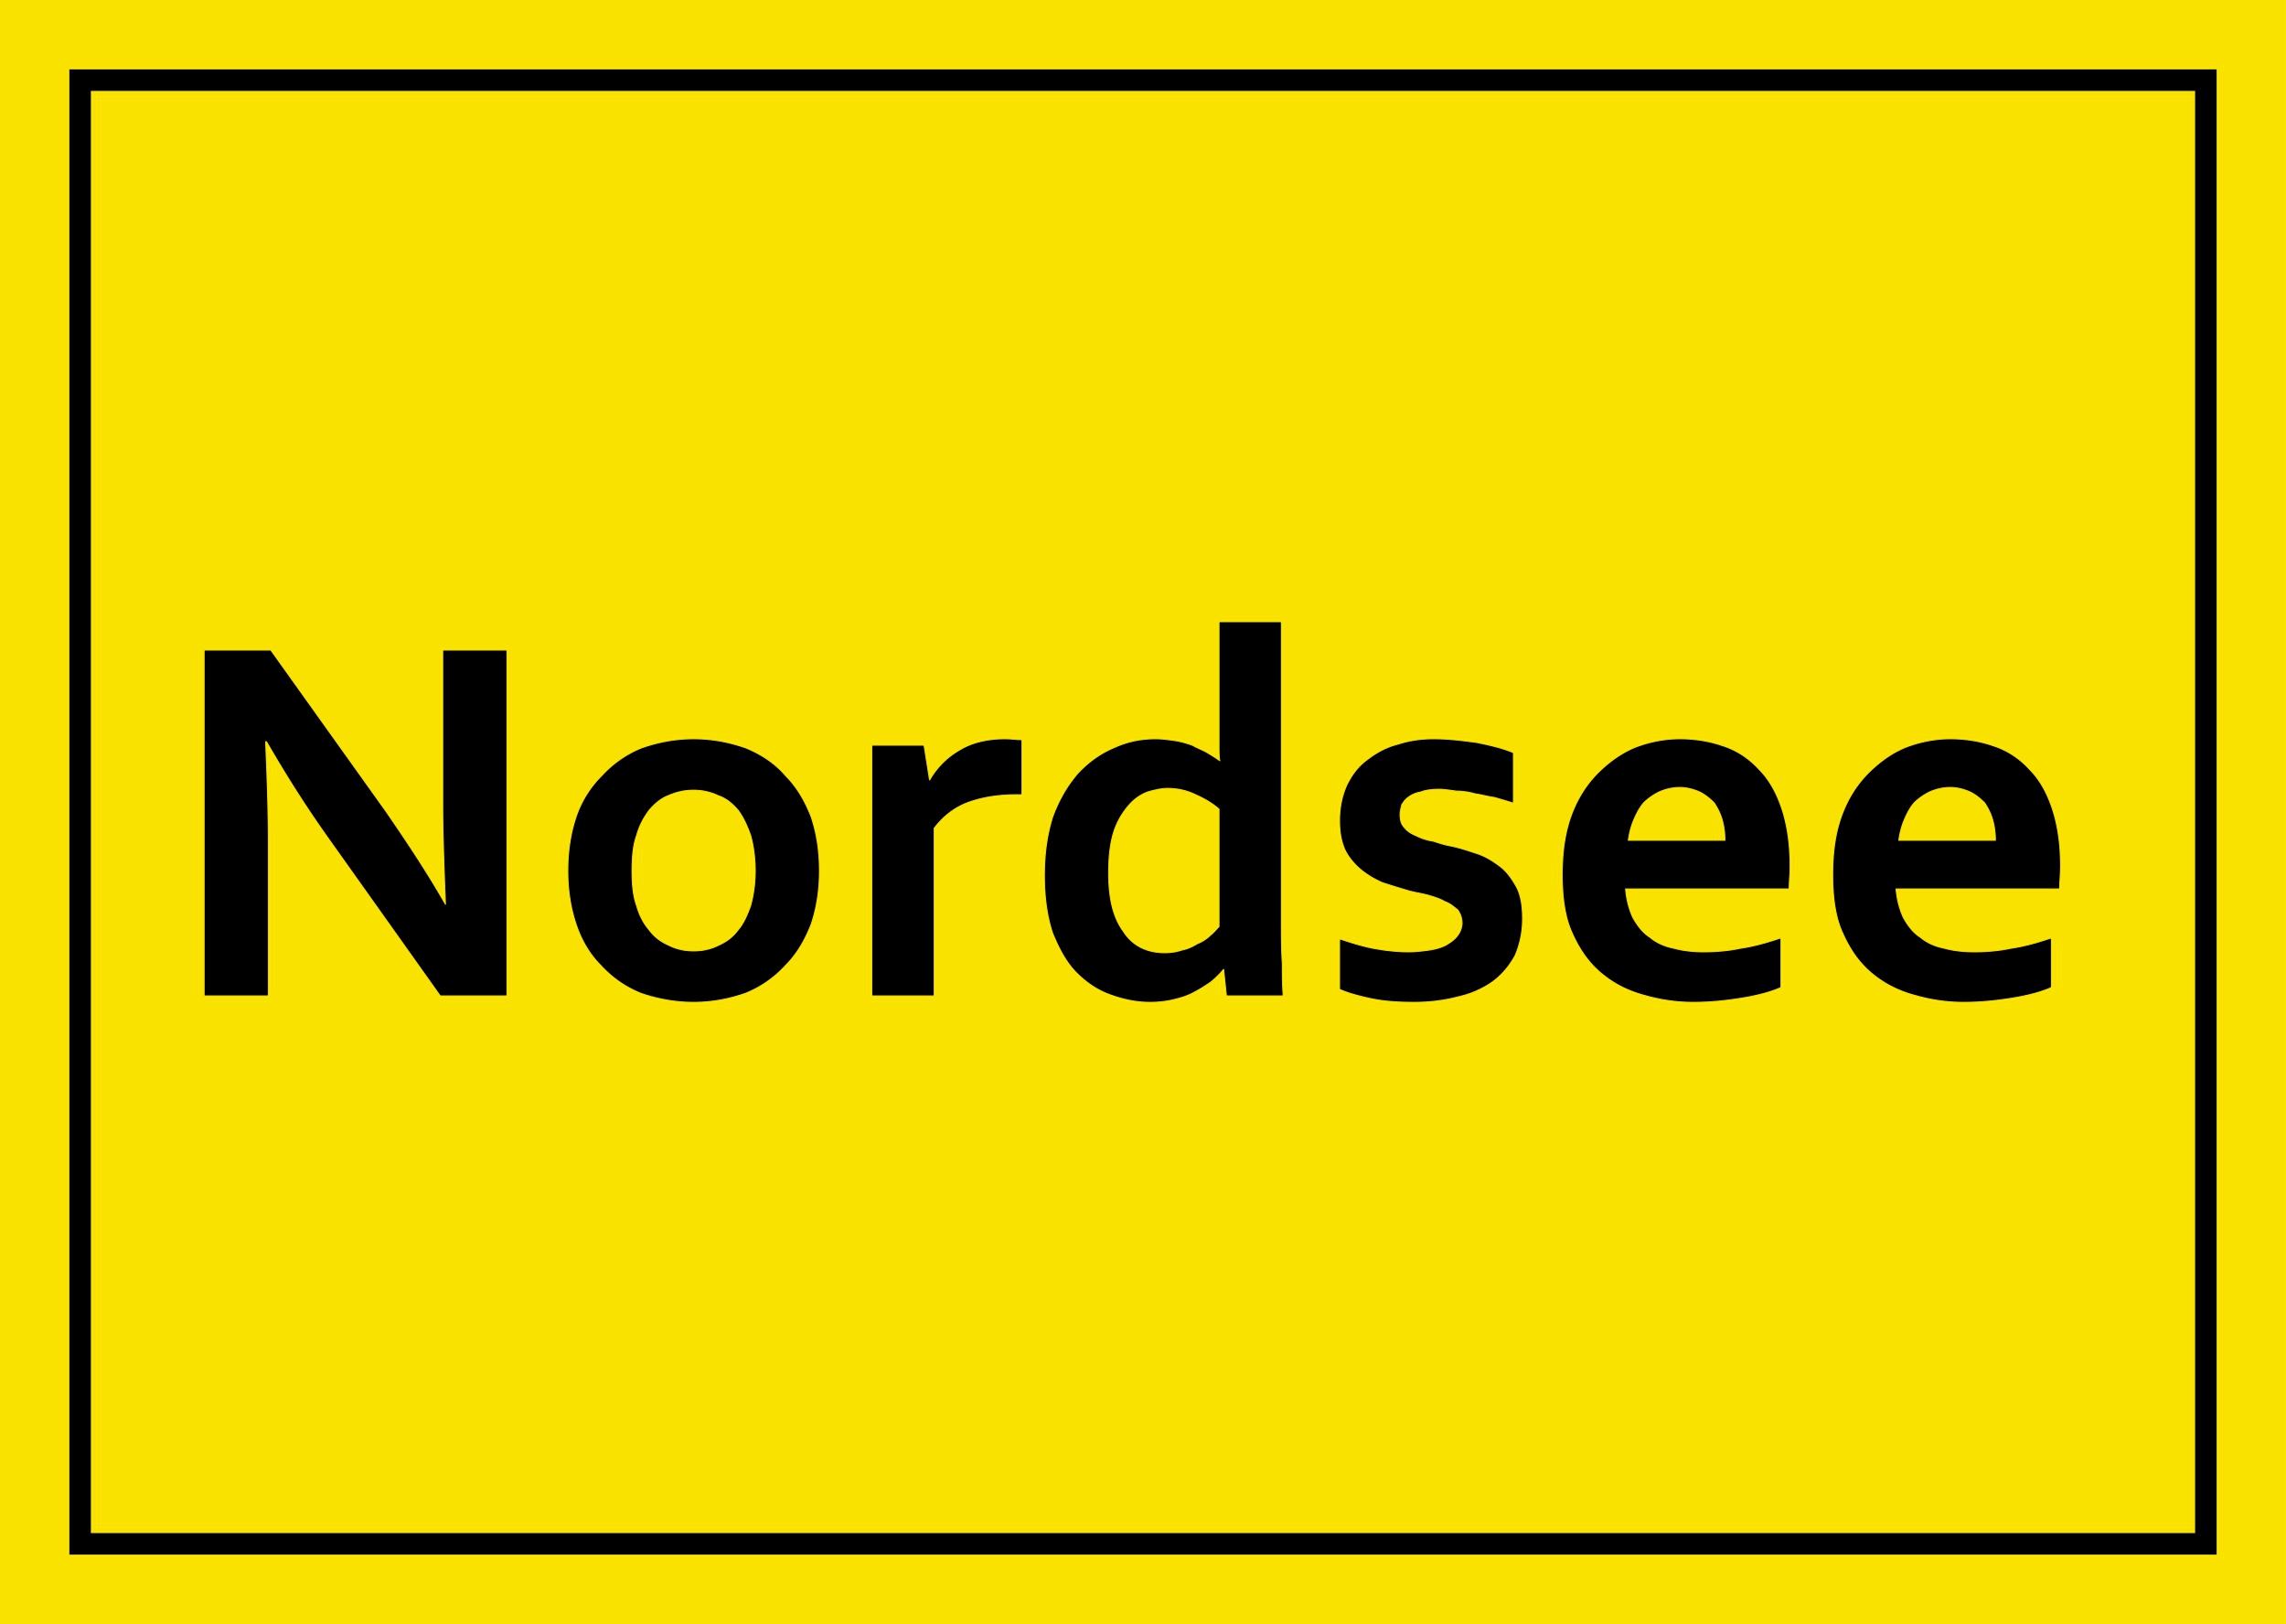 Aufkleber Nordsee – Bild 1